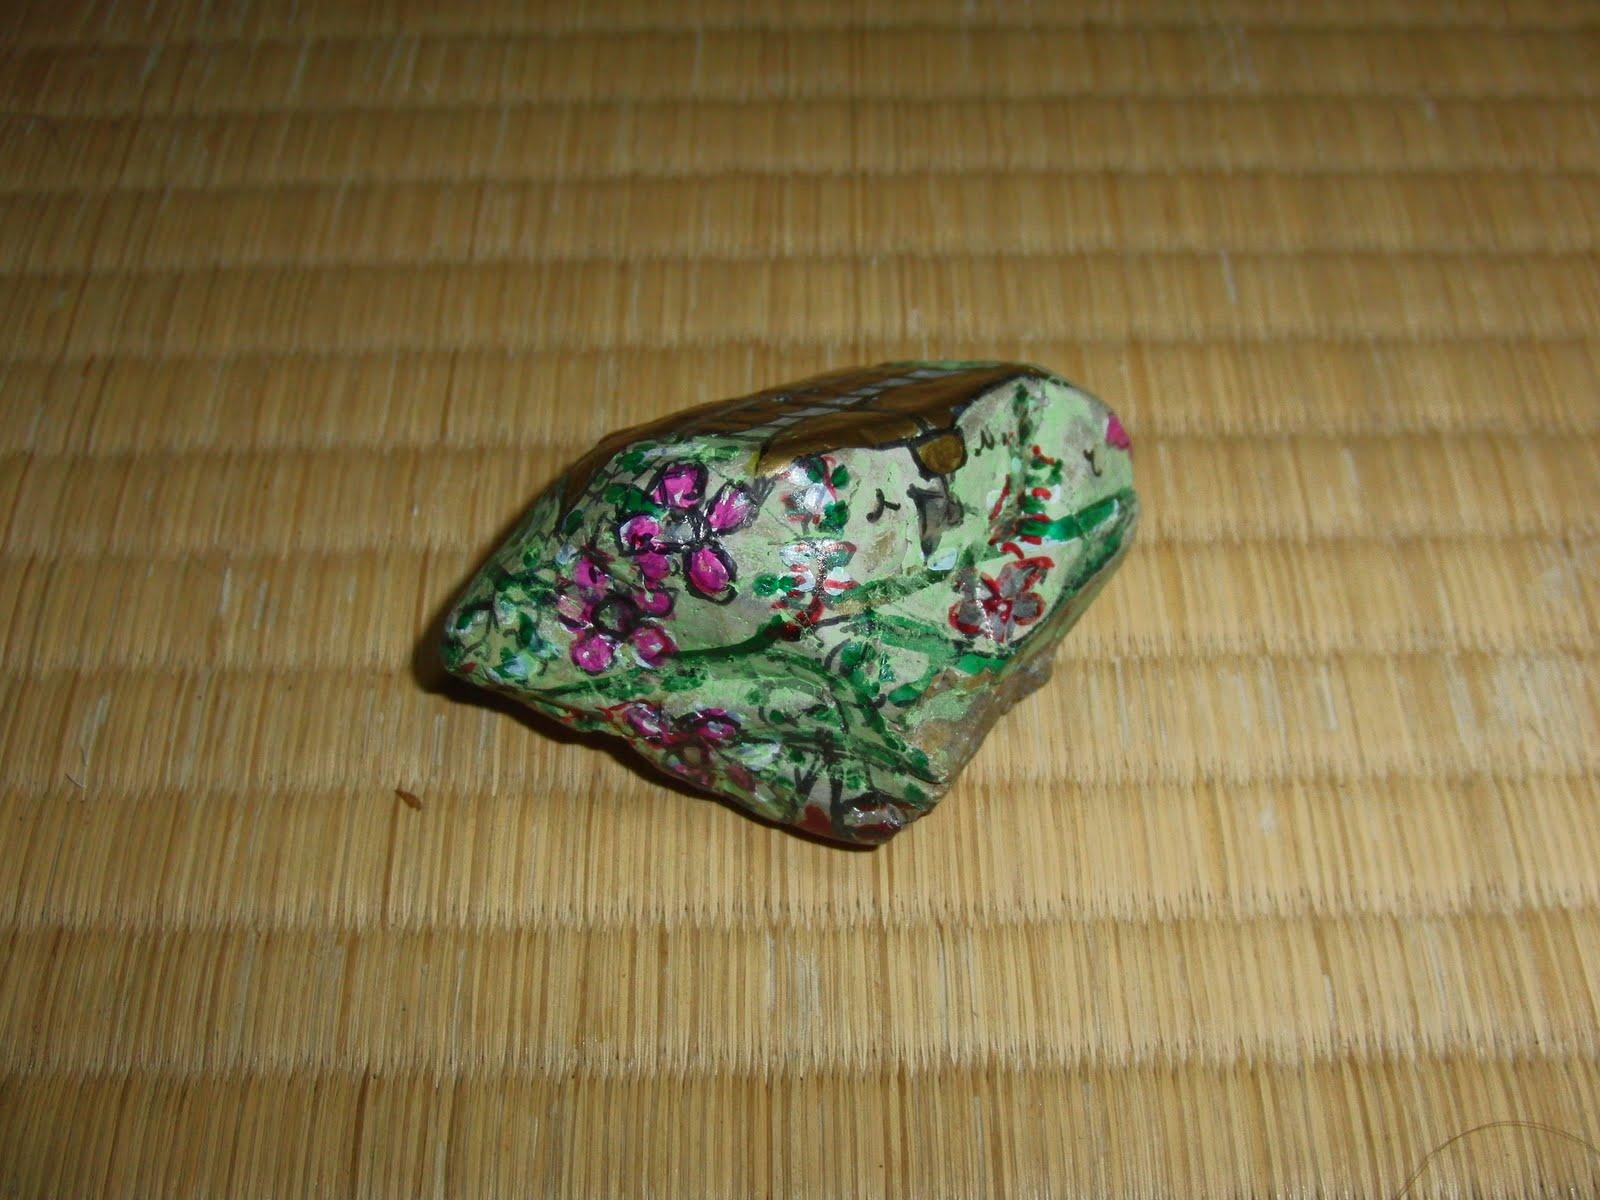 Piedra pintada artista japonés